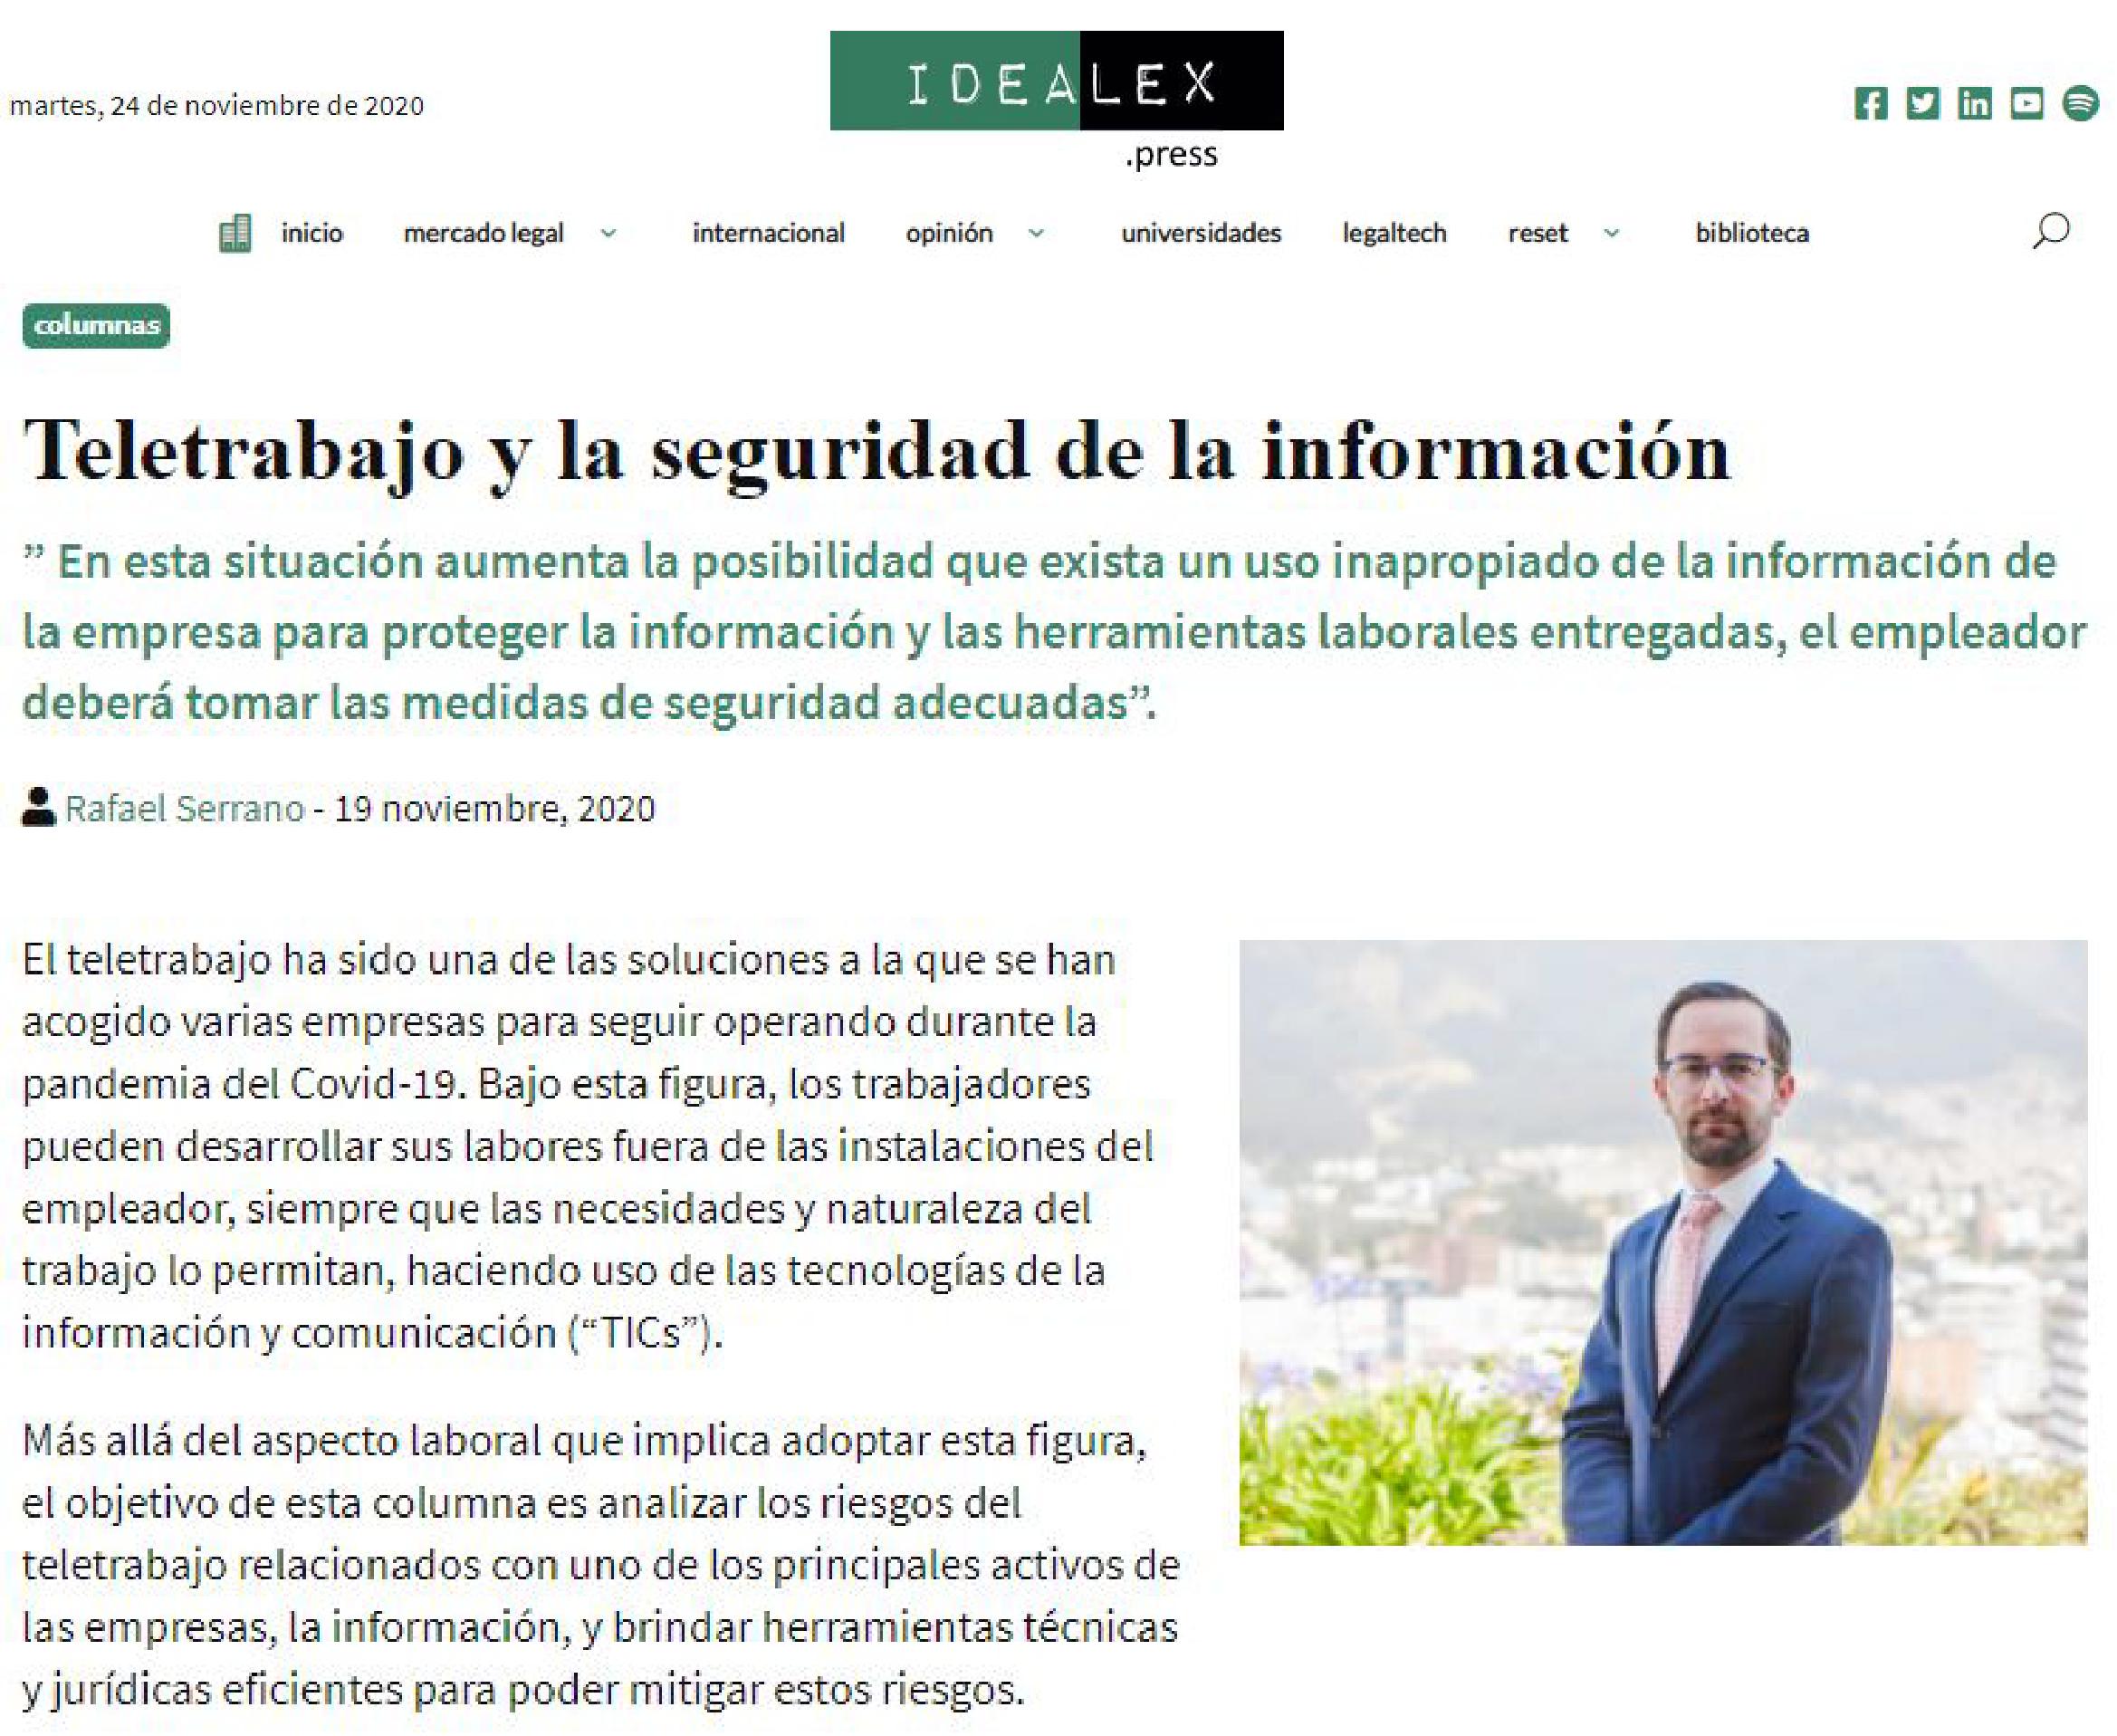 idealex-teletrabajo-y-la-seguridad-de-la-informacion-abogados-ecuador